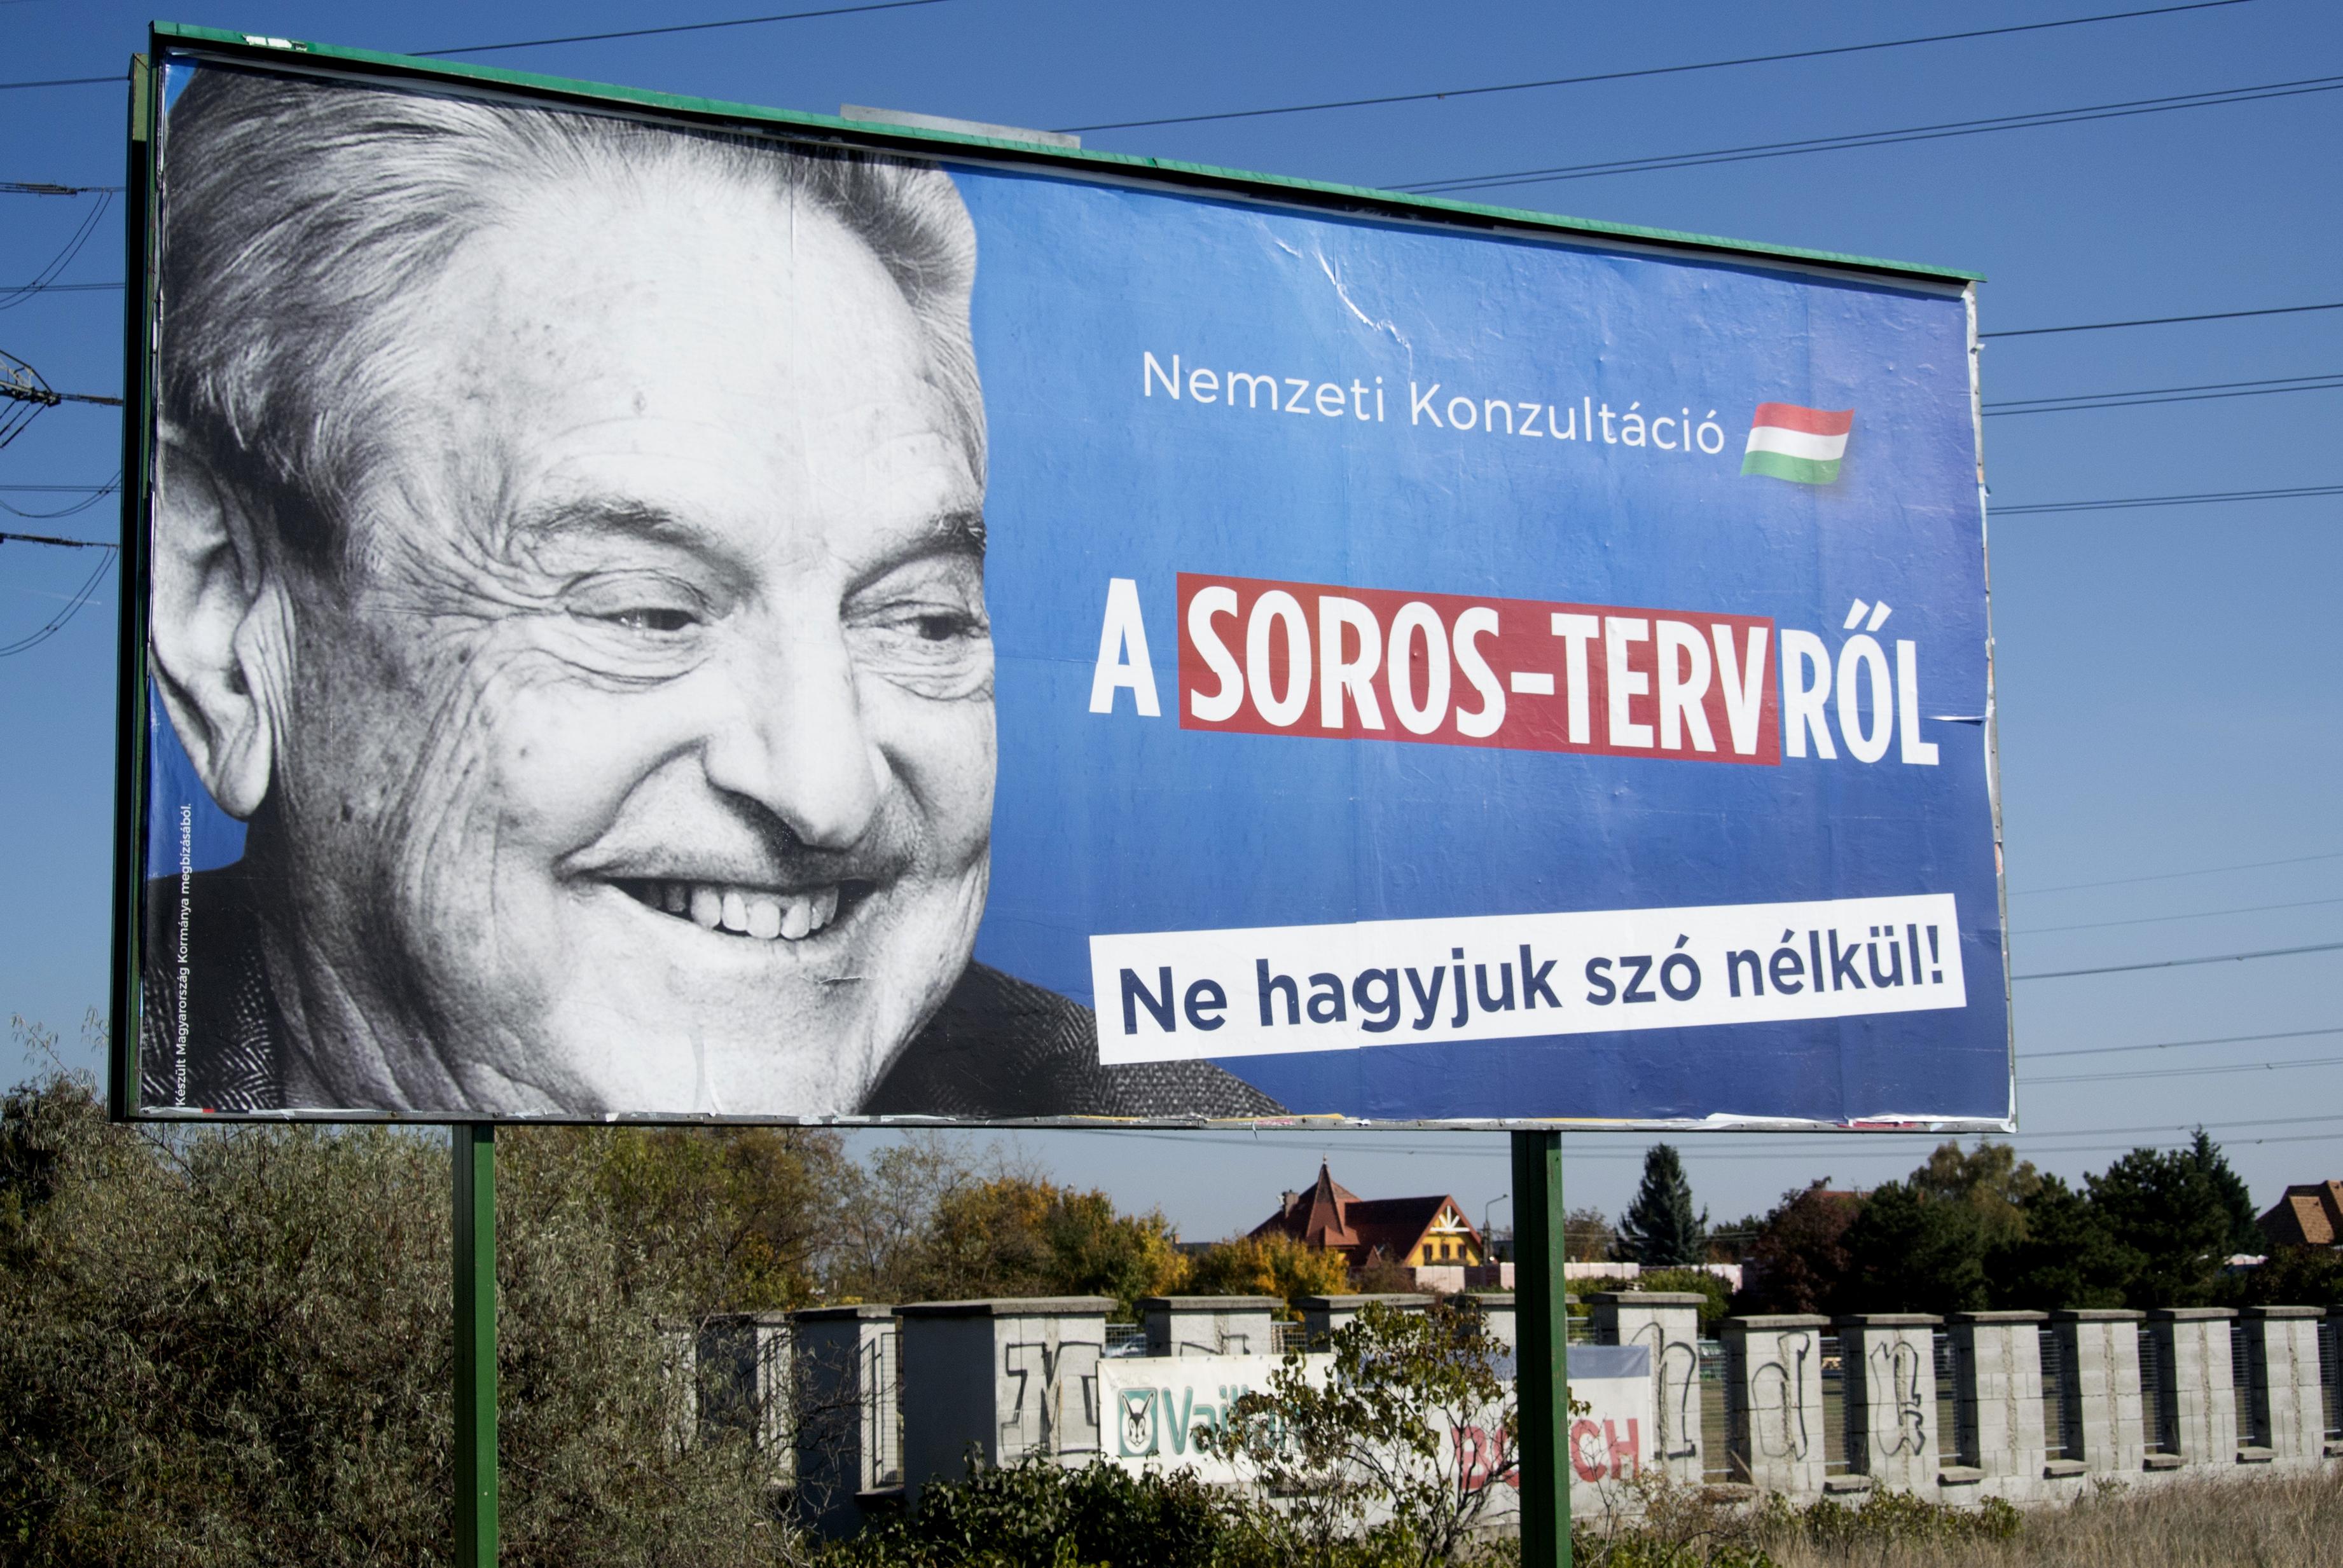 Lehetséges, hogy Magyarországnak nincs szüksége amerikai tanácsadókra, hogy felkorbácsolják a Soros-ellenes antiszemita indulatokat